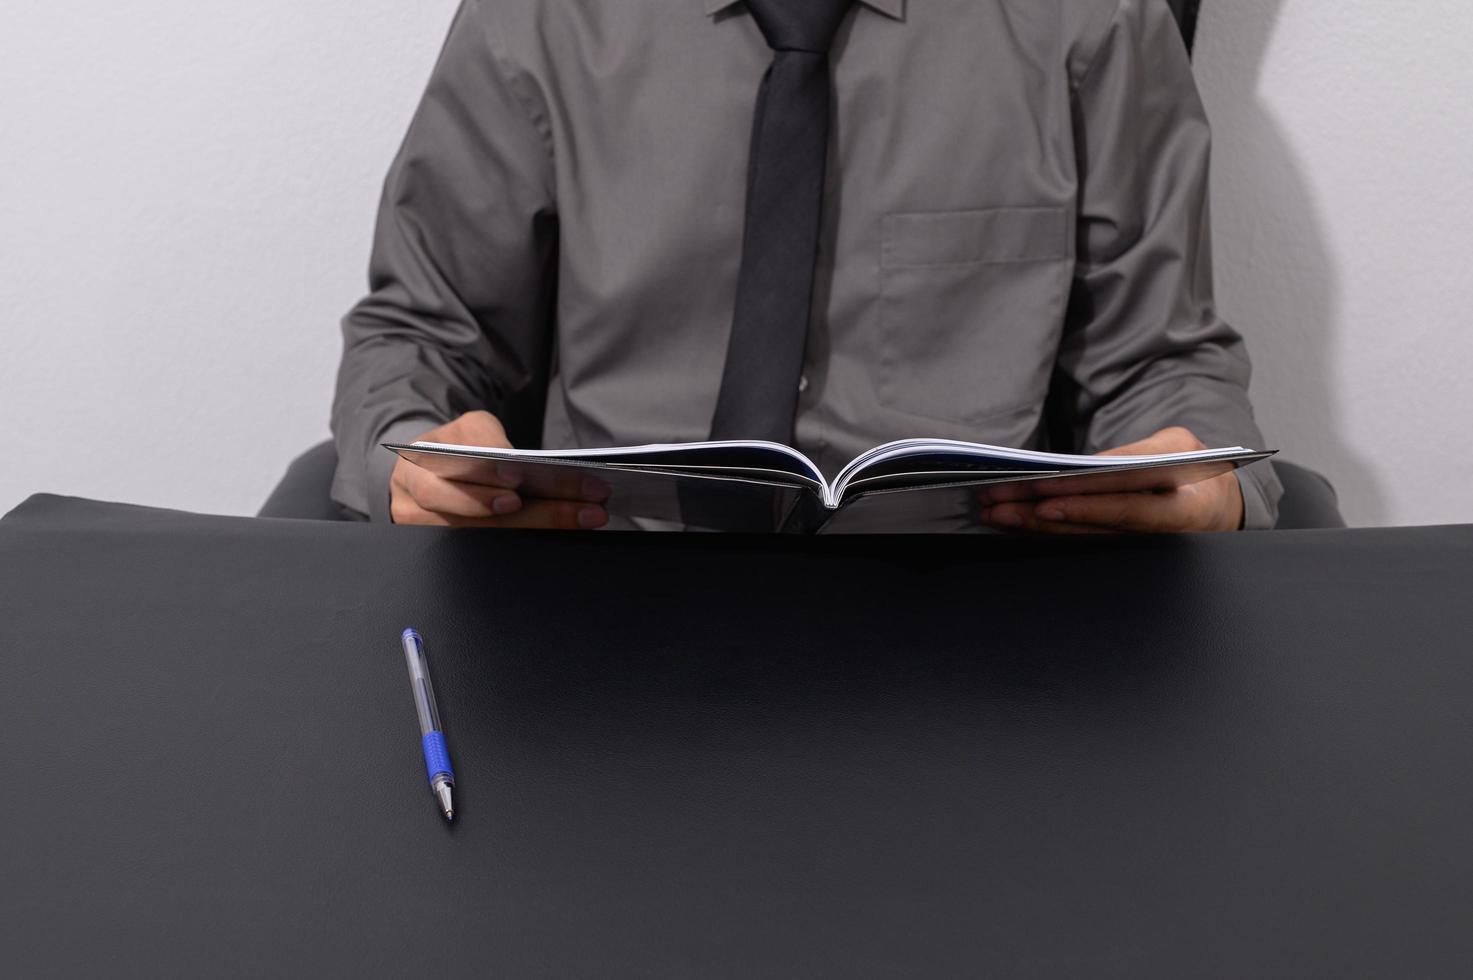 homme d & # 39; affaires lisant un livre à son bureau photo